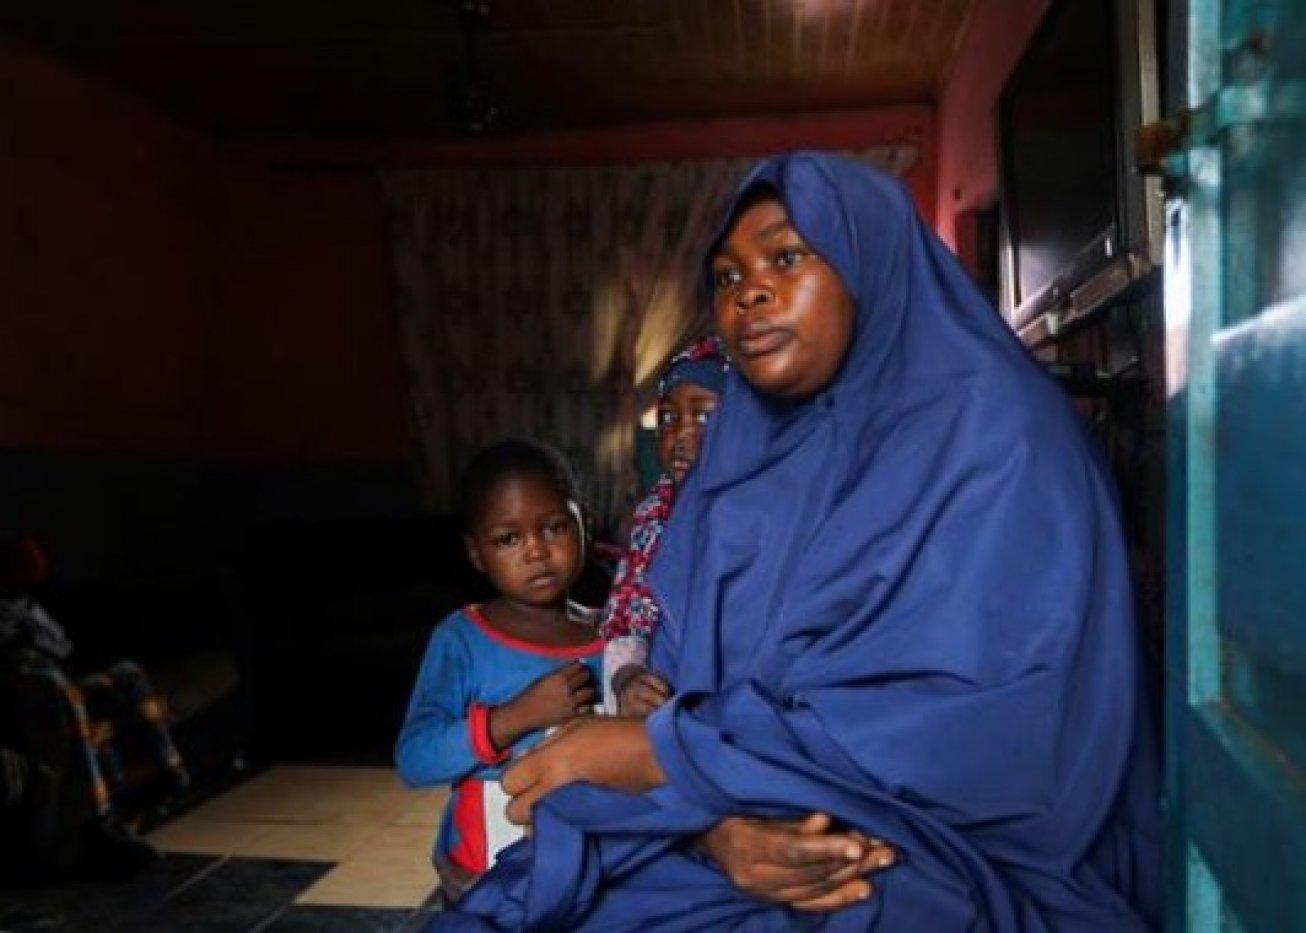 Crédit Photo : AFOLABI SOTUNDE / REUTERS